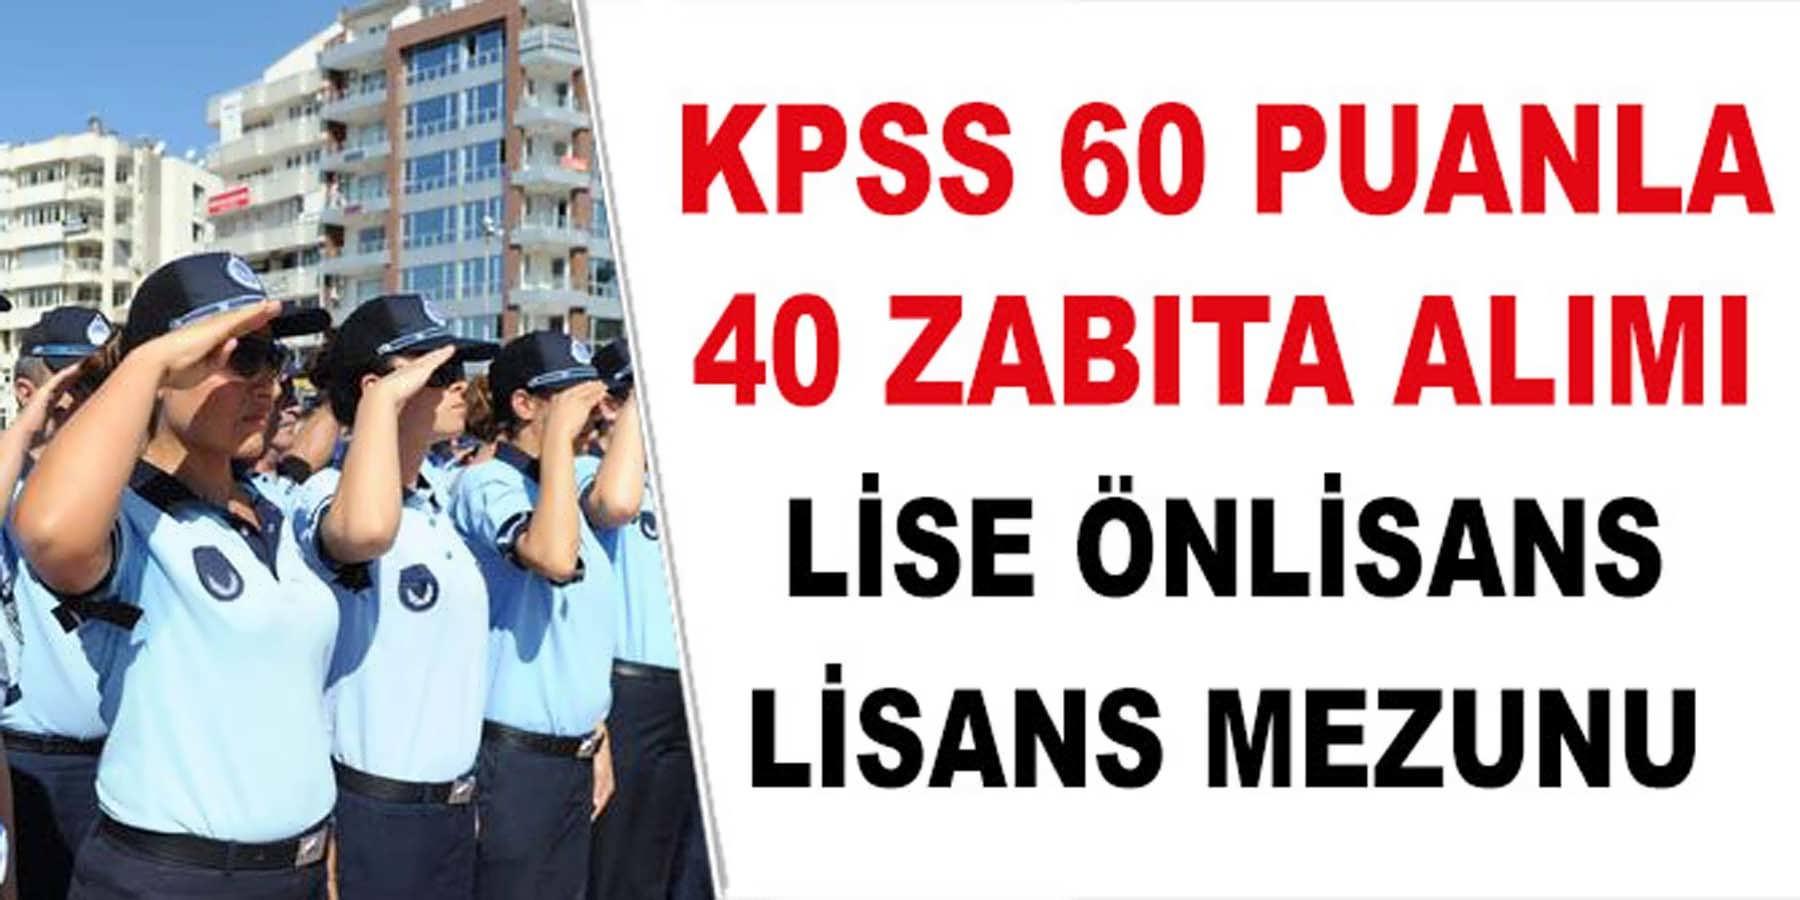 KPSS 60 Puanla 40 Zabıta alımı 20 Kasım 2018'de Yayınlandı